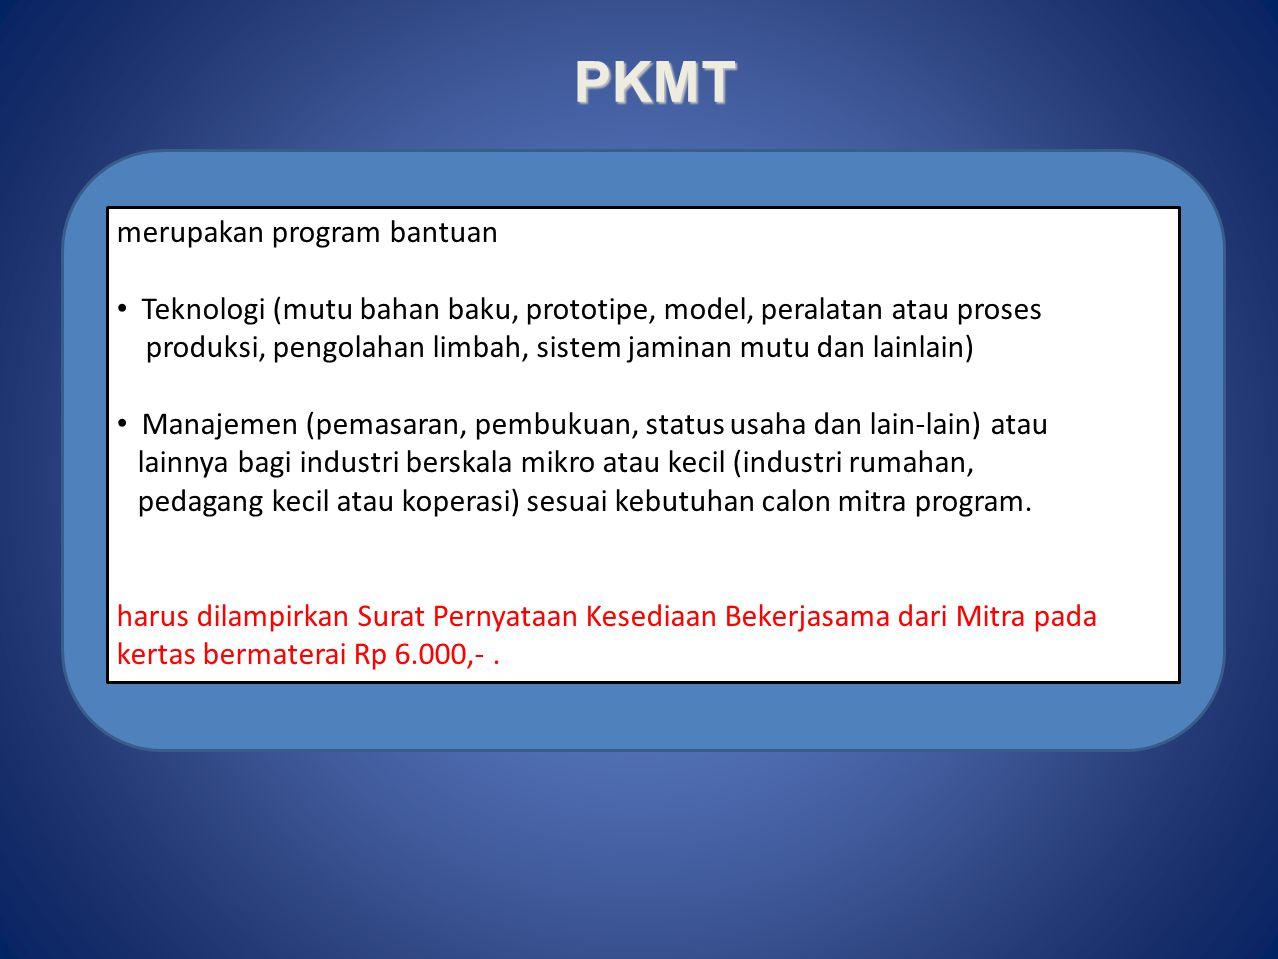 PKMT merupakan program bantuan